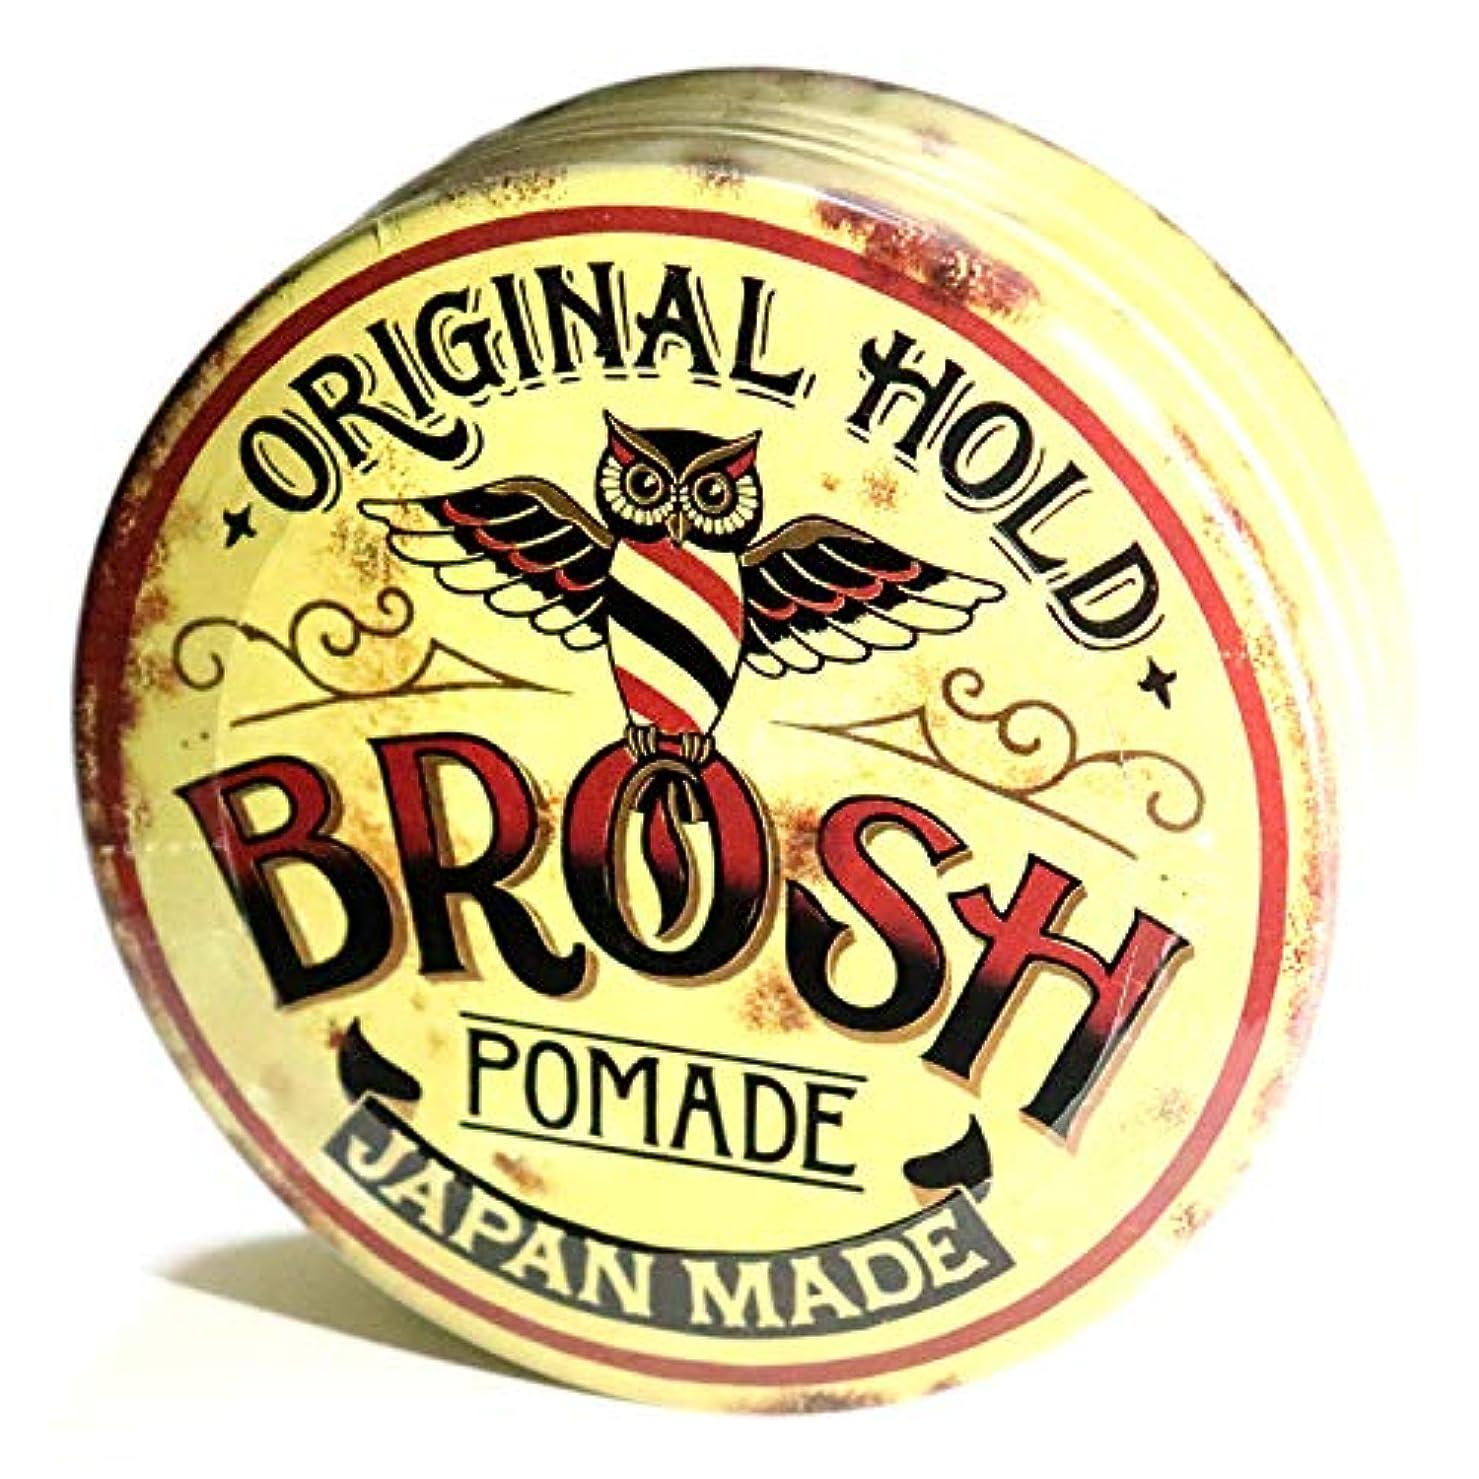 いっぱいプレゼンテーションガロンBROSH (ブロッシュ) BROSH POMADE ORIGINAL HOLD 115g 水性ポマード 整髪料